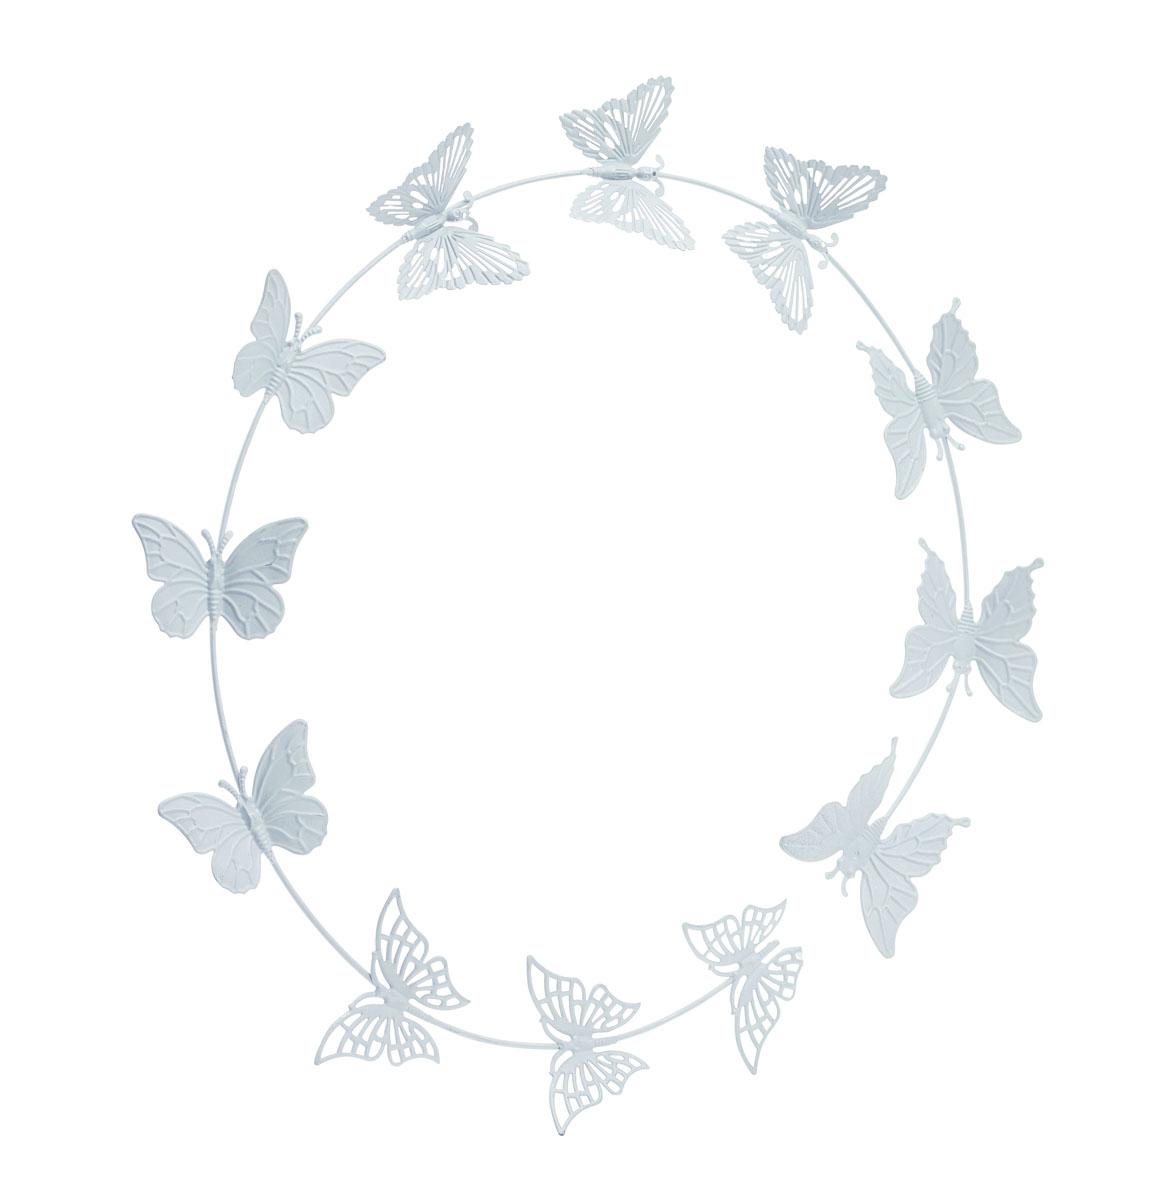 Украшение декоративное Gardman Butterflies, настенное, цвет: серый300158_белый, коричневыйДекоративное настенное украшение Gardman Butterflies изготовлено из металла. Оно отлично подойдет для дома и придаст неповторимый дизайн вашему интерьеру.